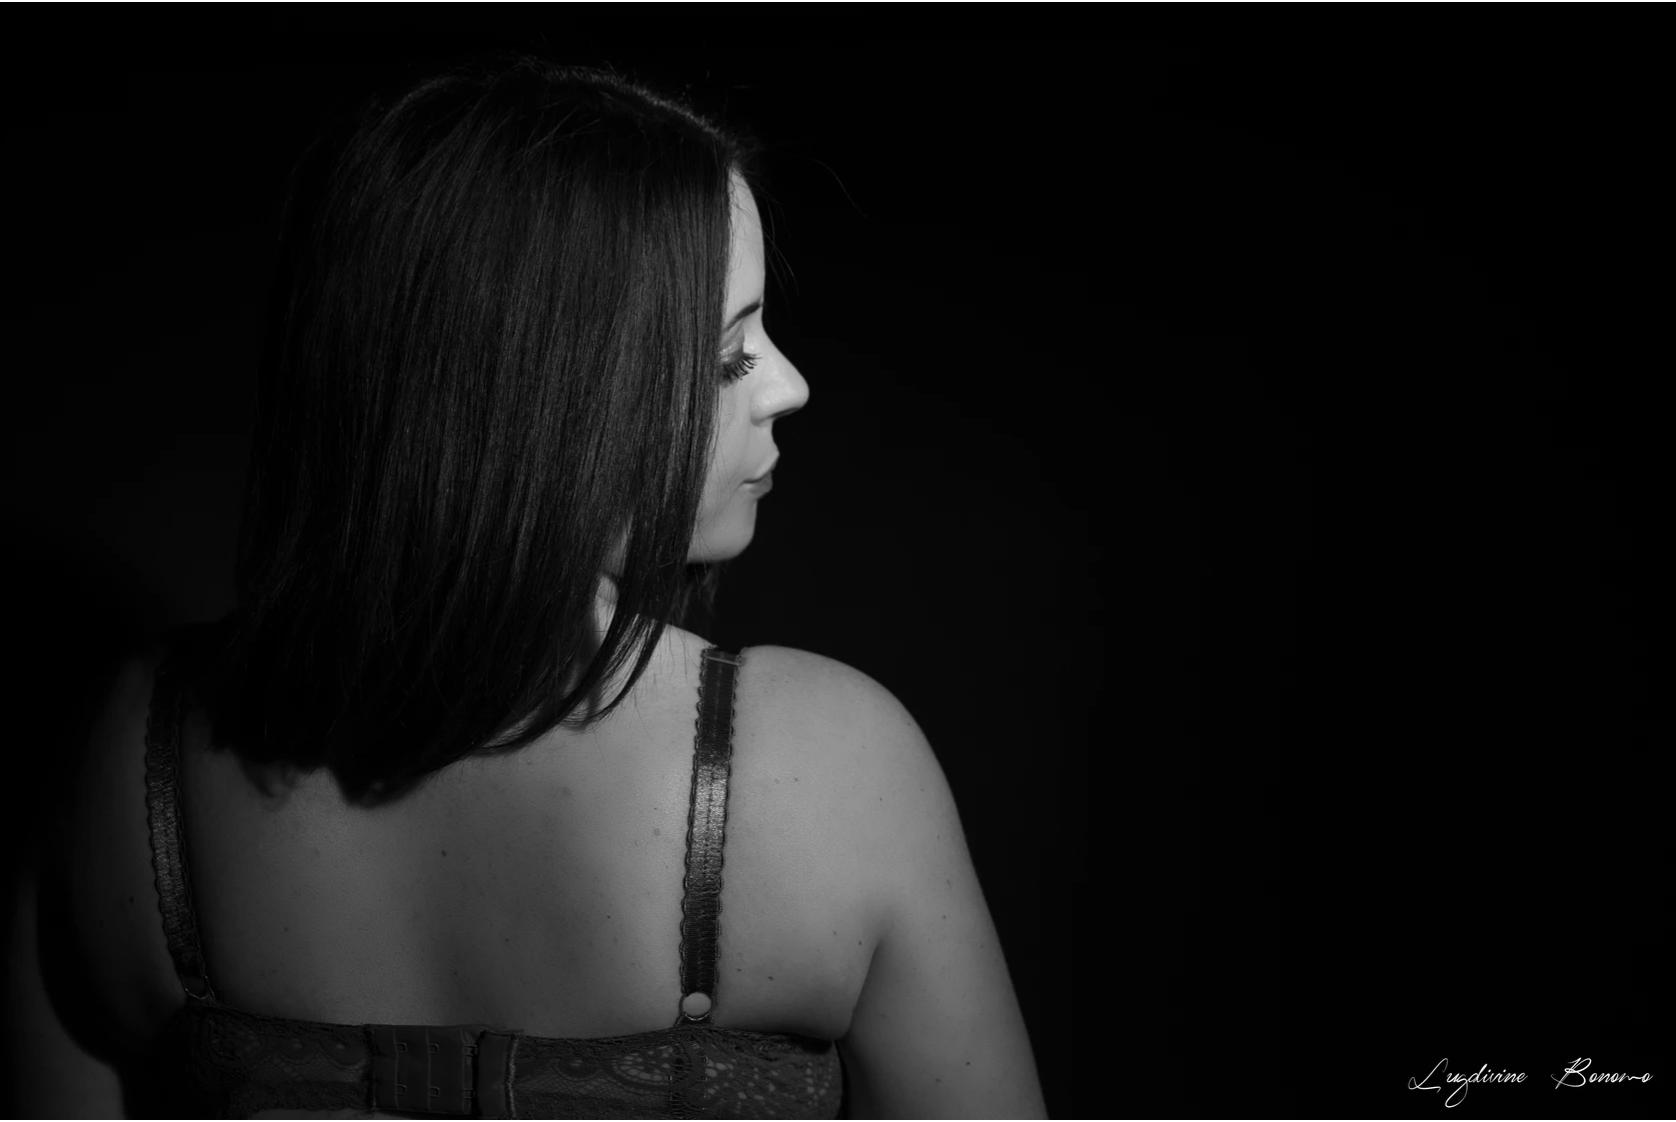 Photographe boudoir femme noir et blanc intime estime de soi bien-être